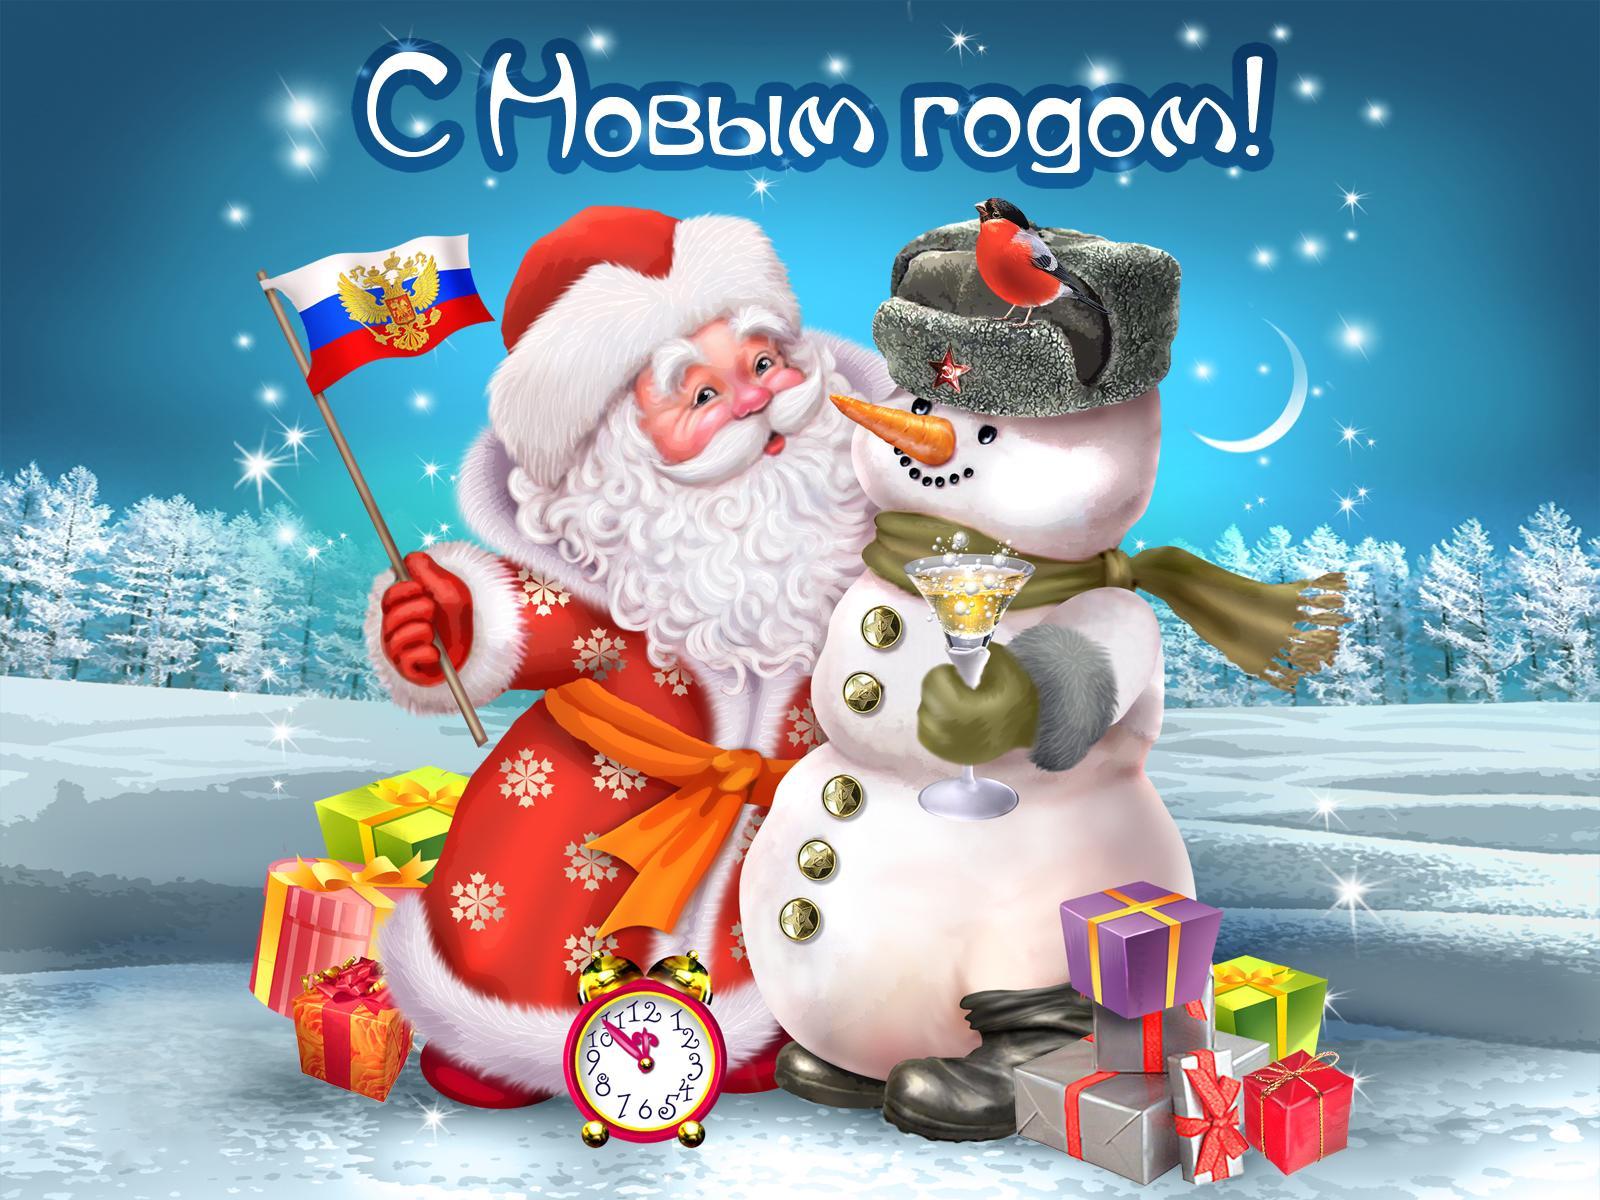 Новый год открытка - C наступающим новым годом 2018 поздравительные картинки